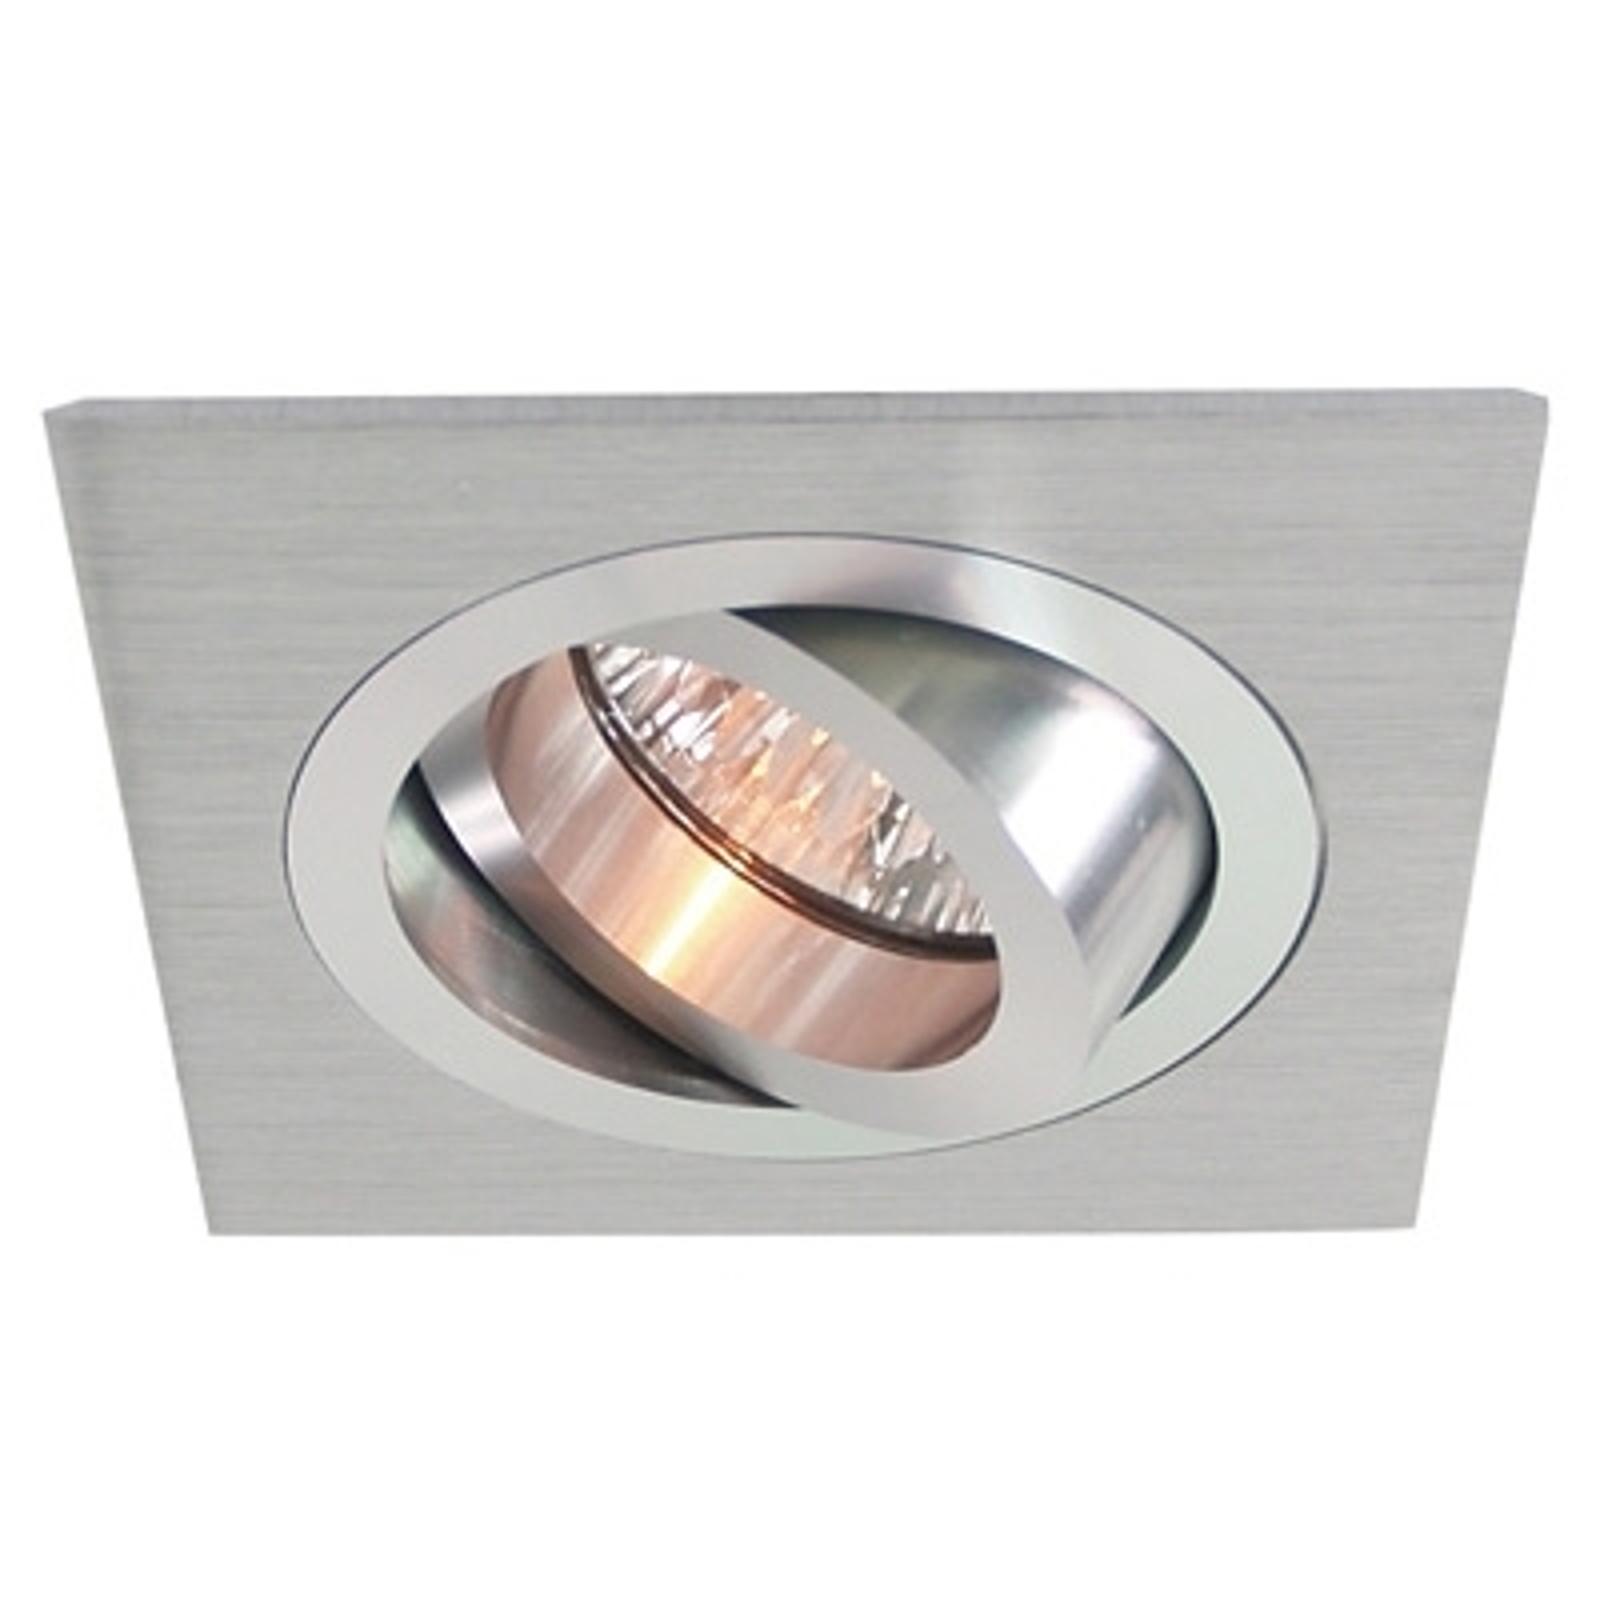 Hliníkový otočný prstenec 9,2x9,2cm hliník_2501076_1